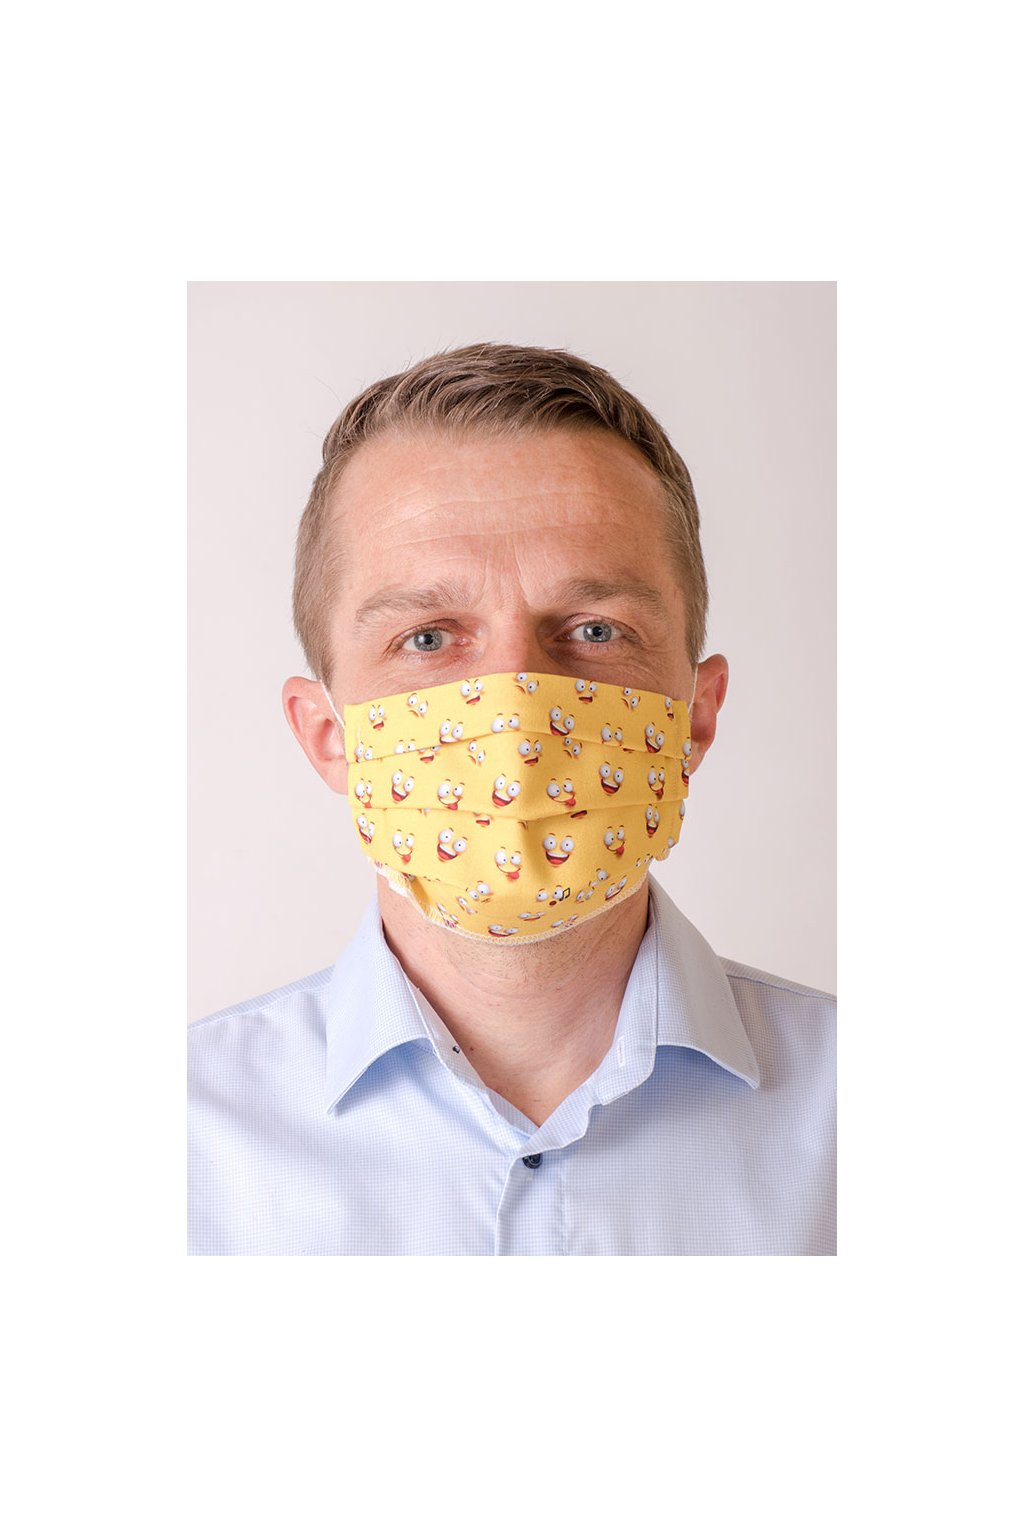 Pánská bavlněná rouška dvouvrstvá skládaná s kapsou a tvarovacím drátkem, ouška z gumičky, 770-239, Žlutá